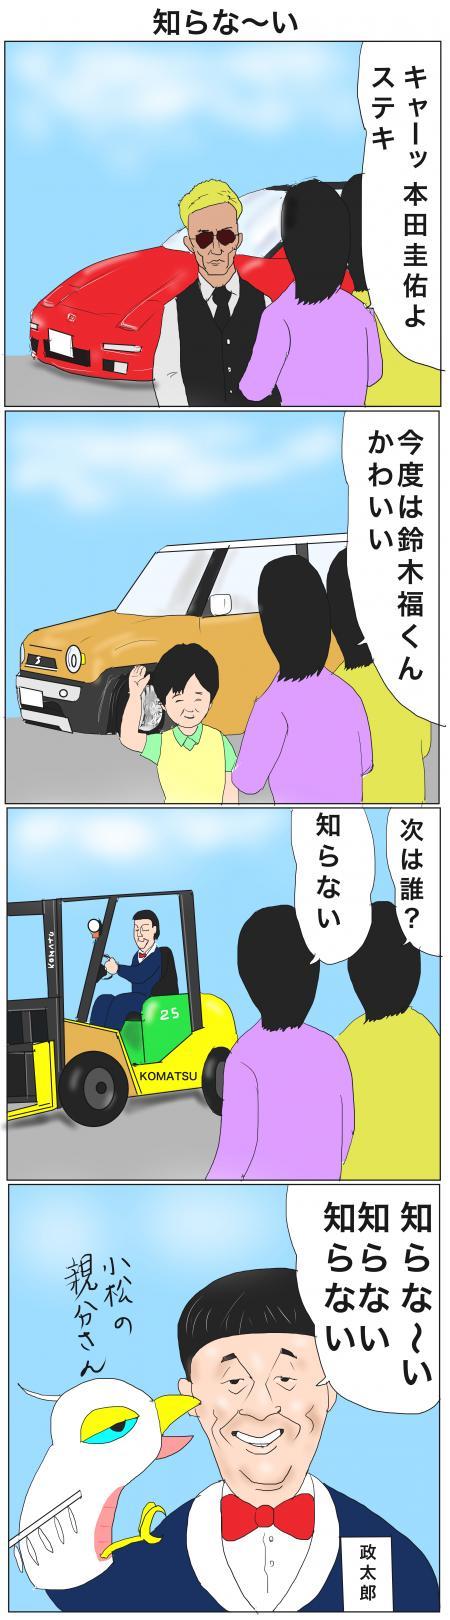 知らない+のコピー_convert_20141207073800